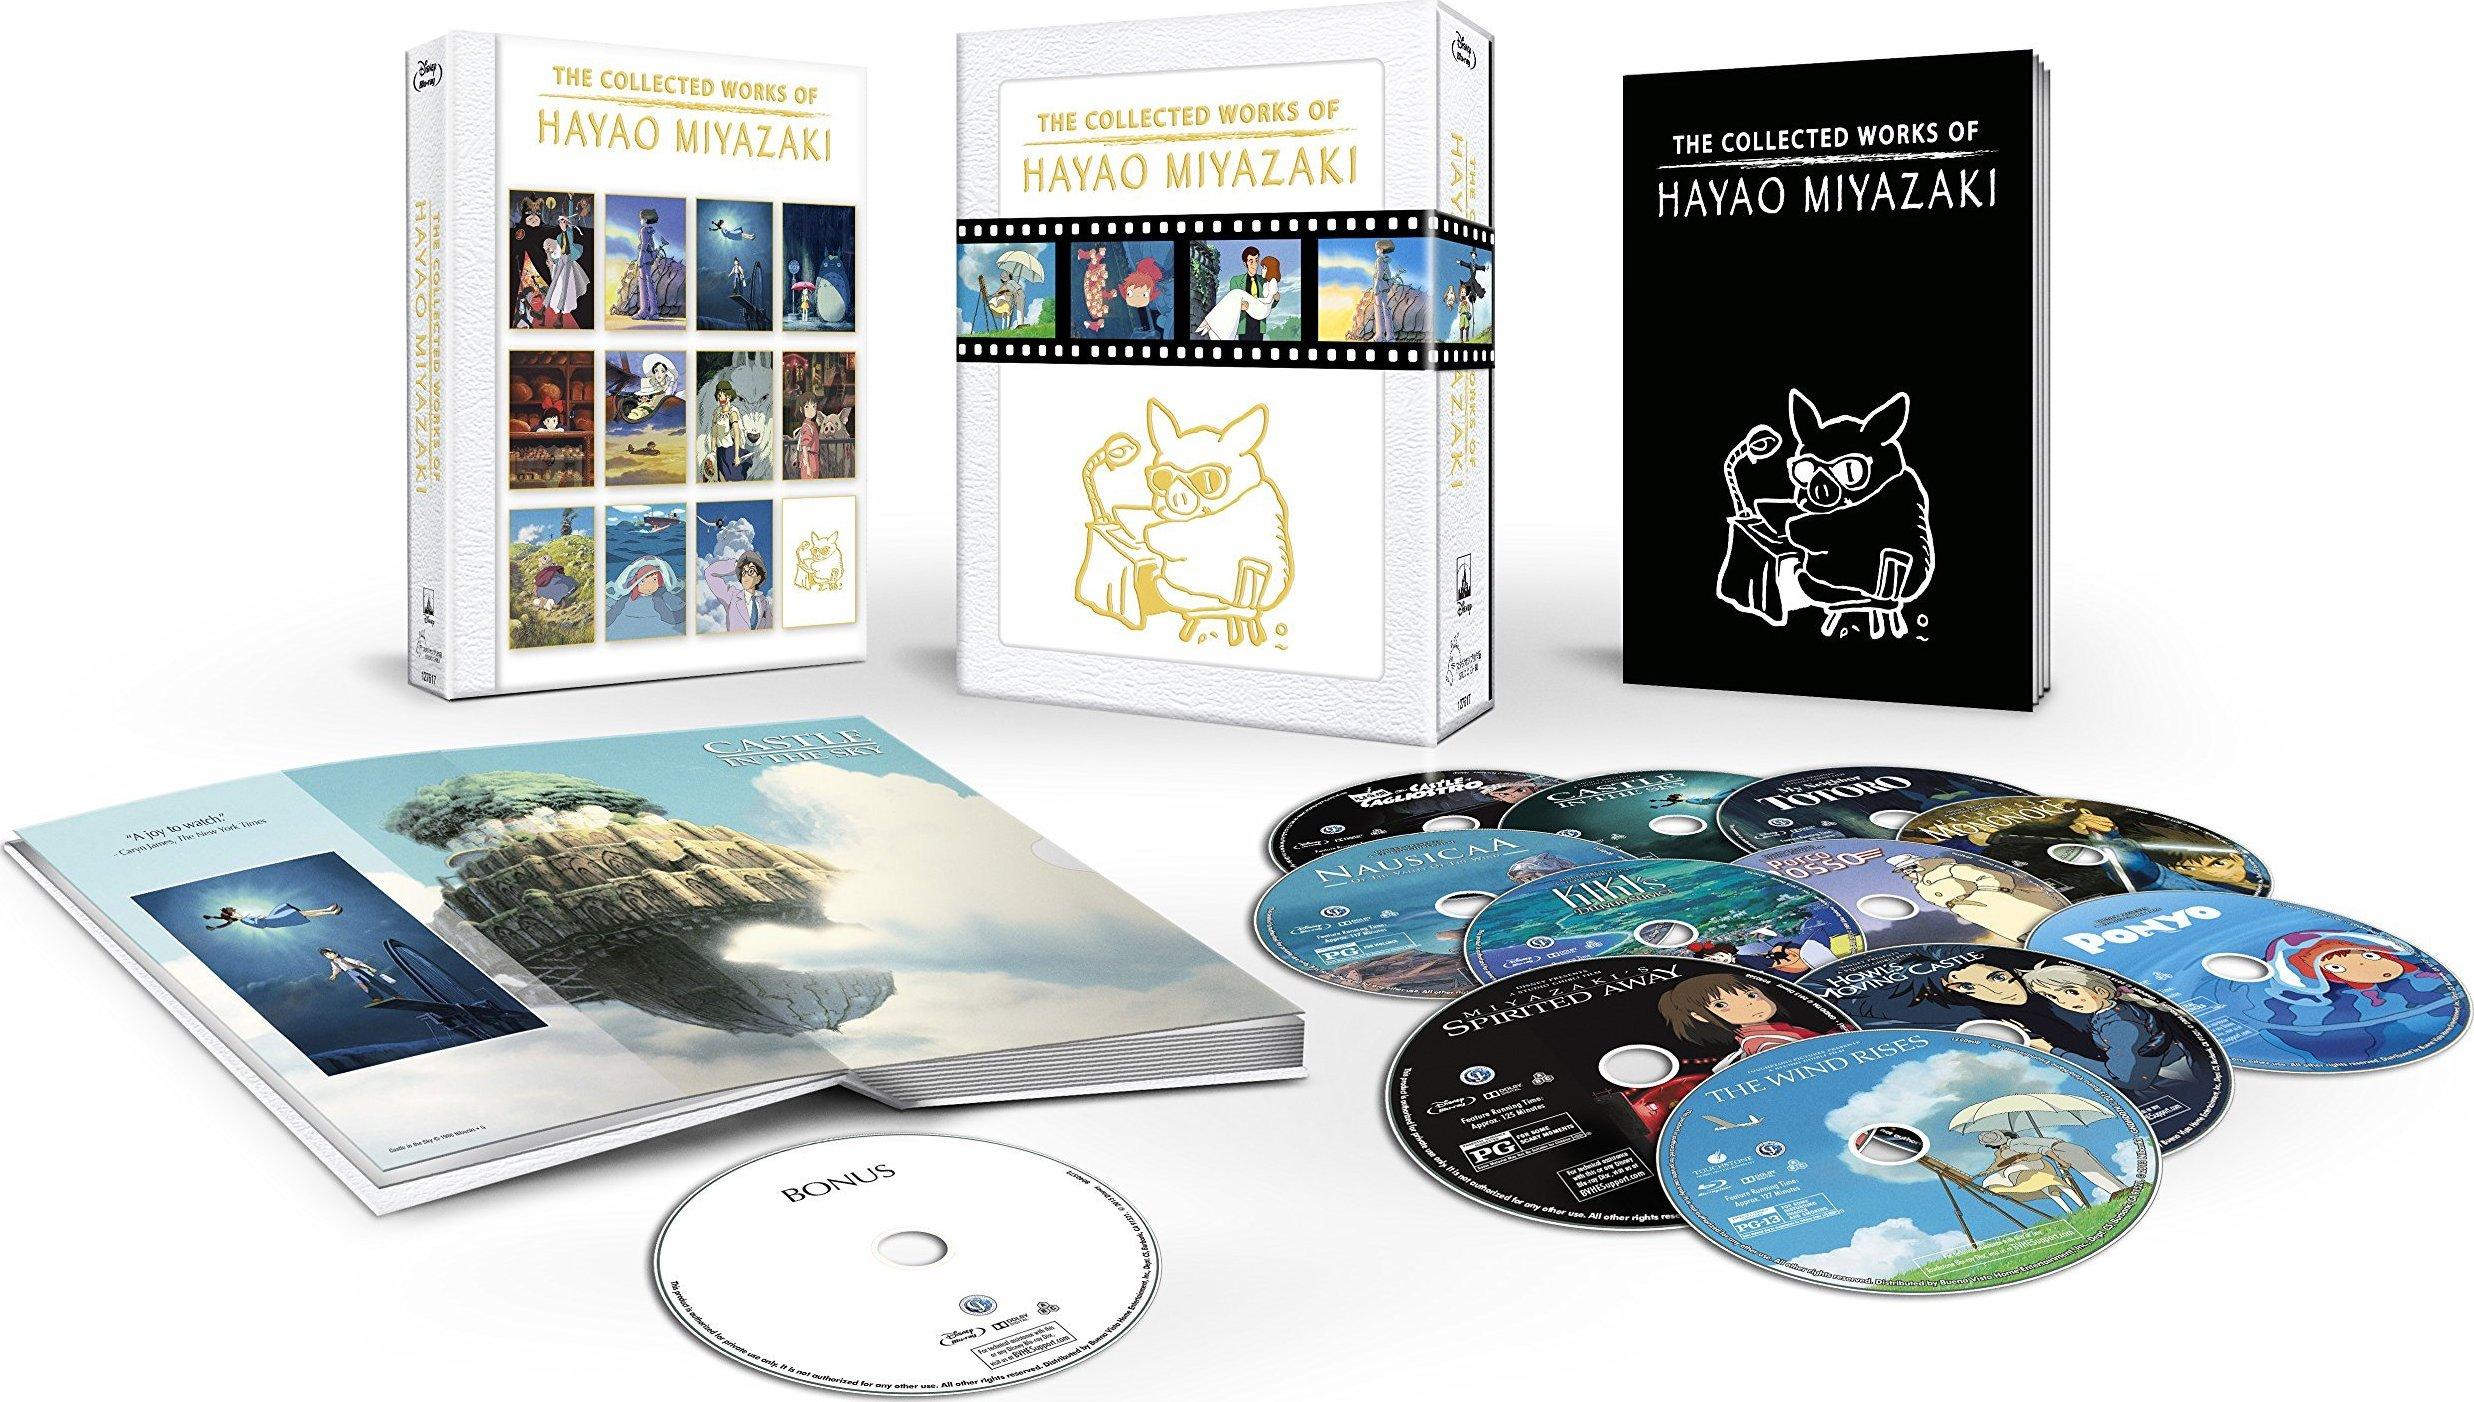 Antologia di Blu-Ray per Miyazaki!